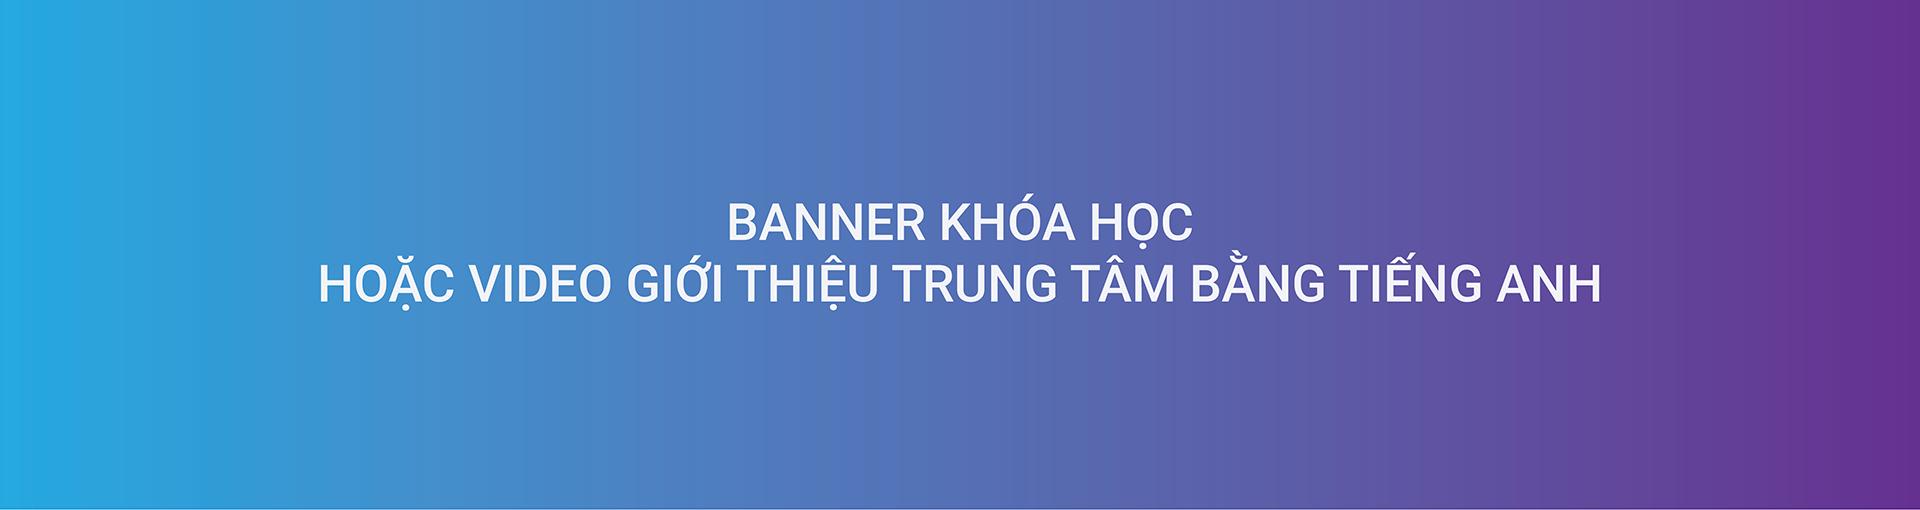 Slider Chi Tiet Khoa Hoc